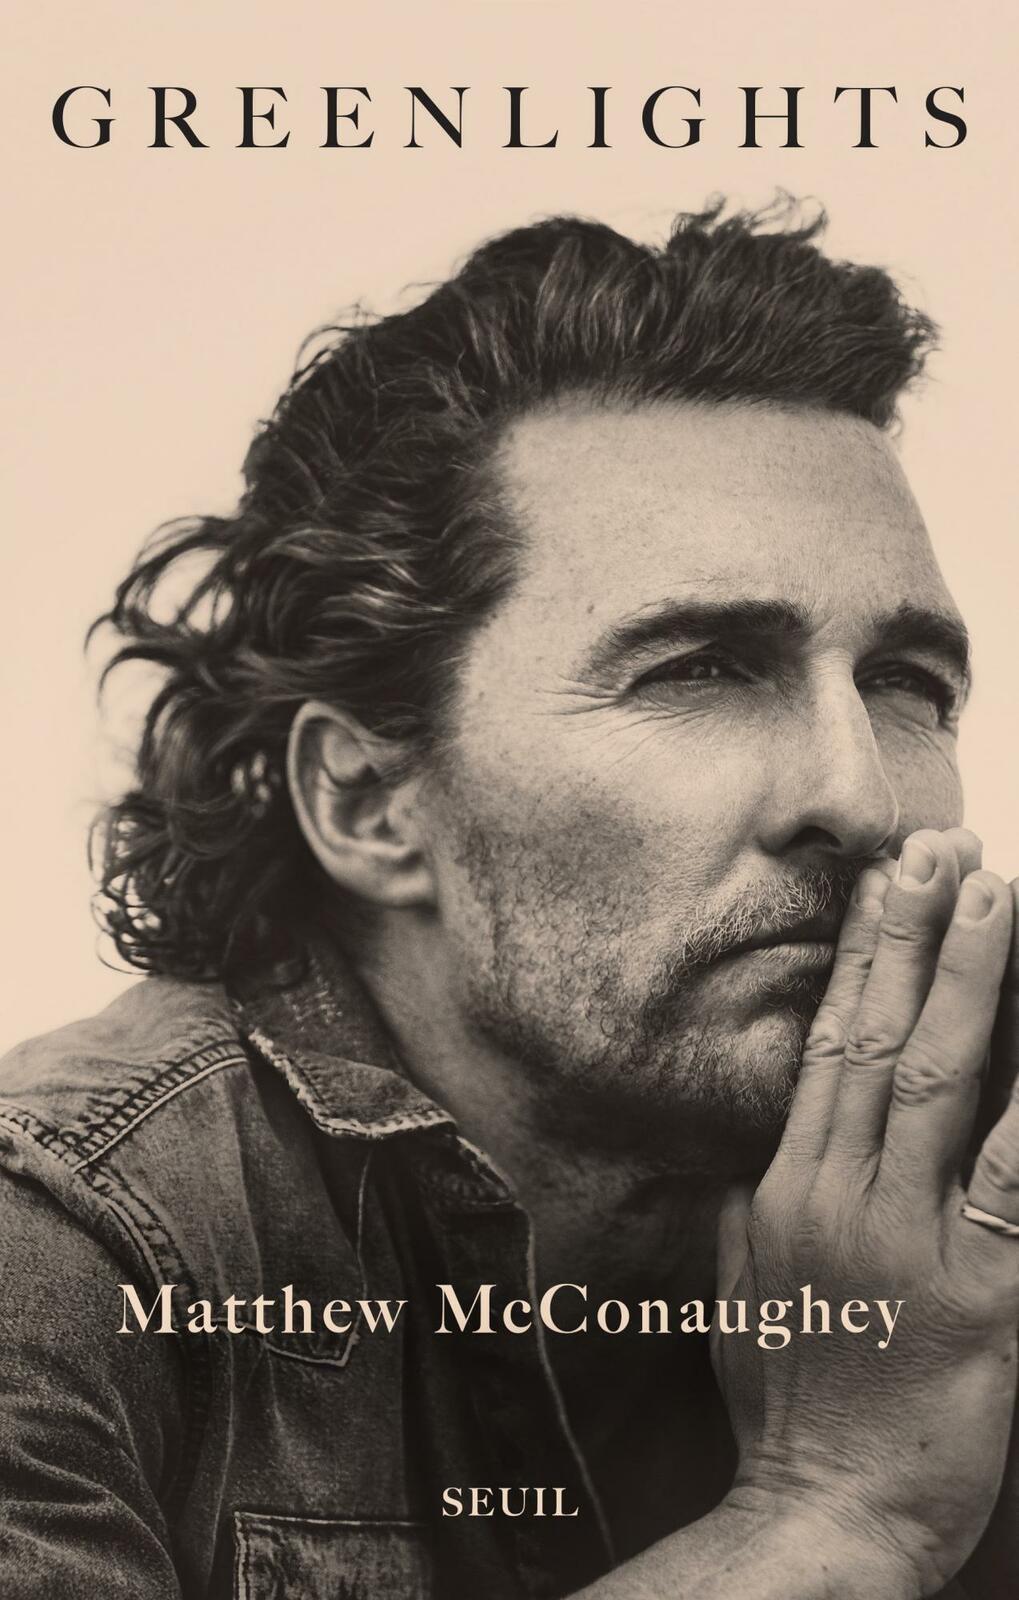 Publication du livre Greenlights, du comédien Matthew McConaughey (version française).